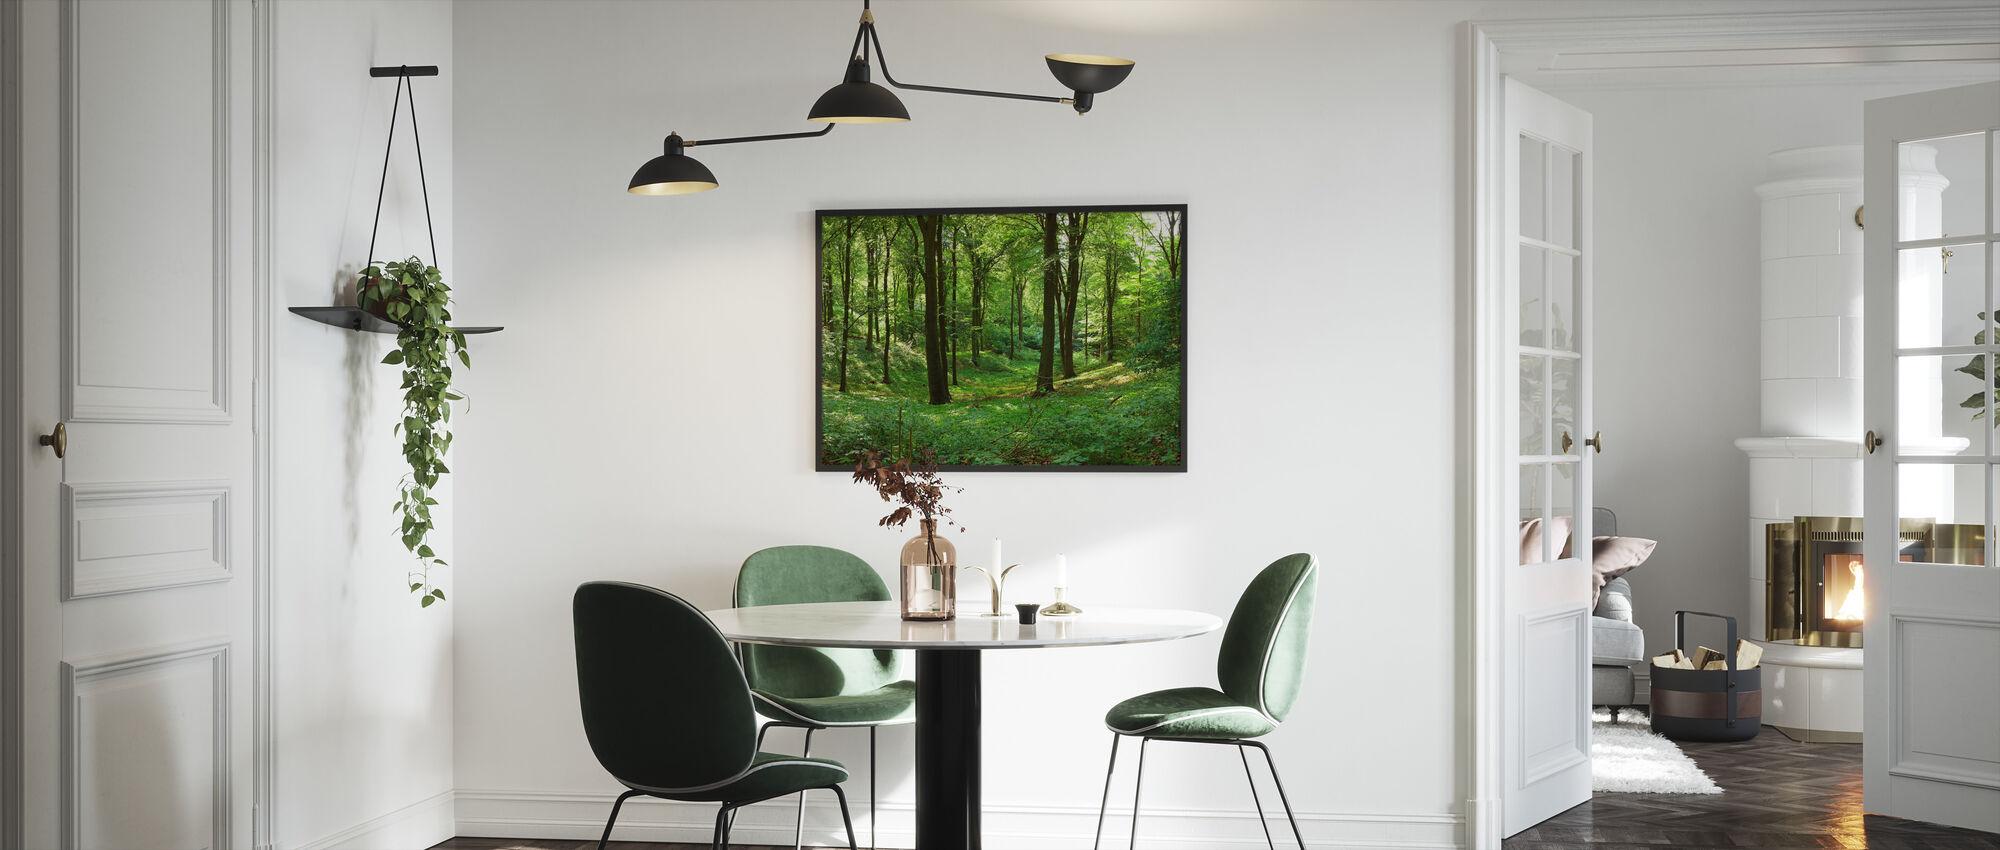 Panorama forest - Innrammet bilde - Kjøkken